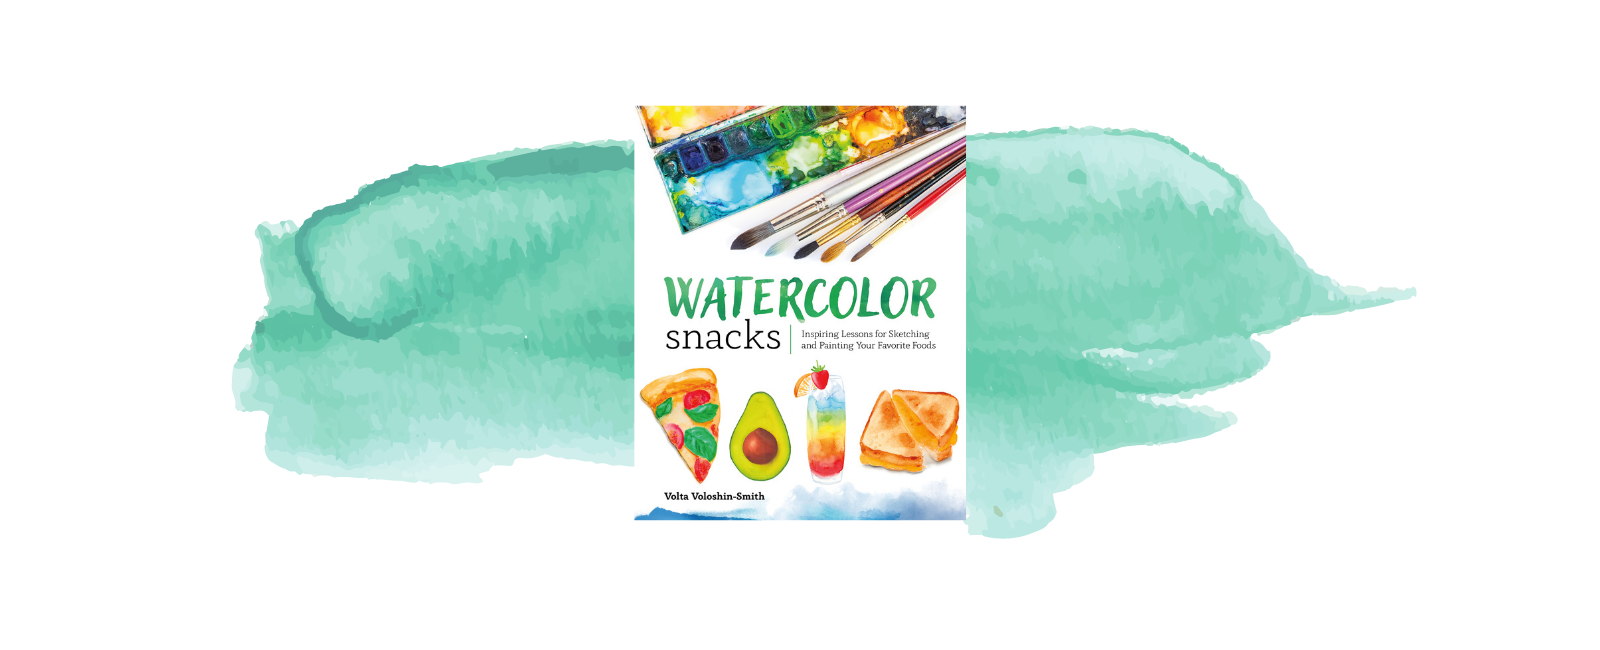 watercolor snacks watercolor book